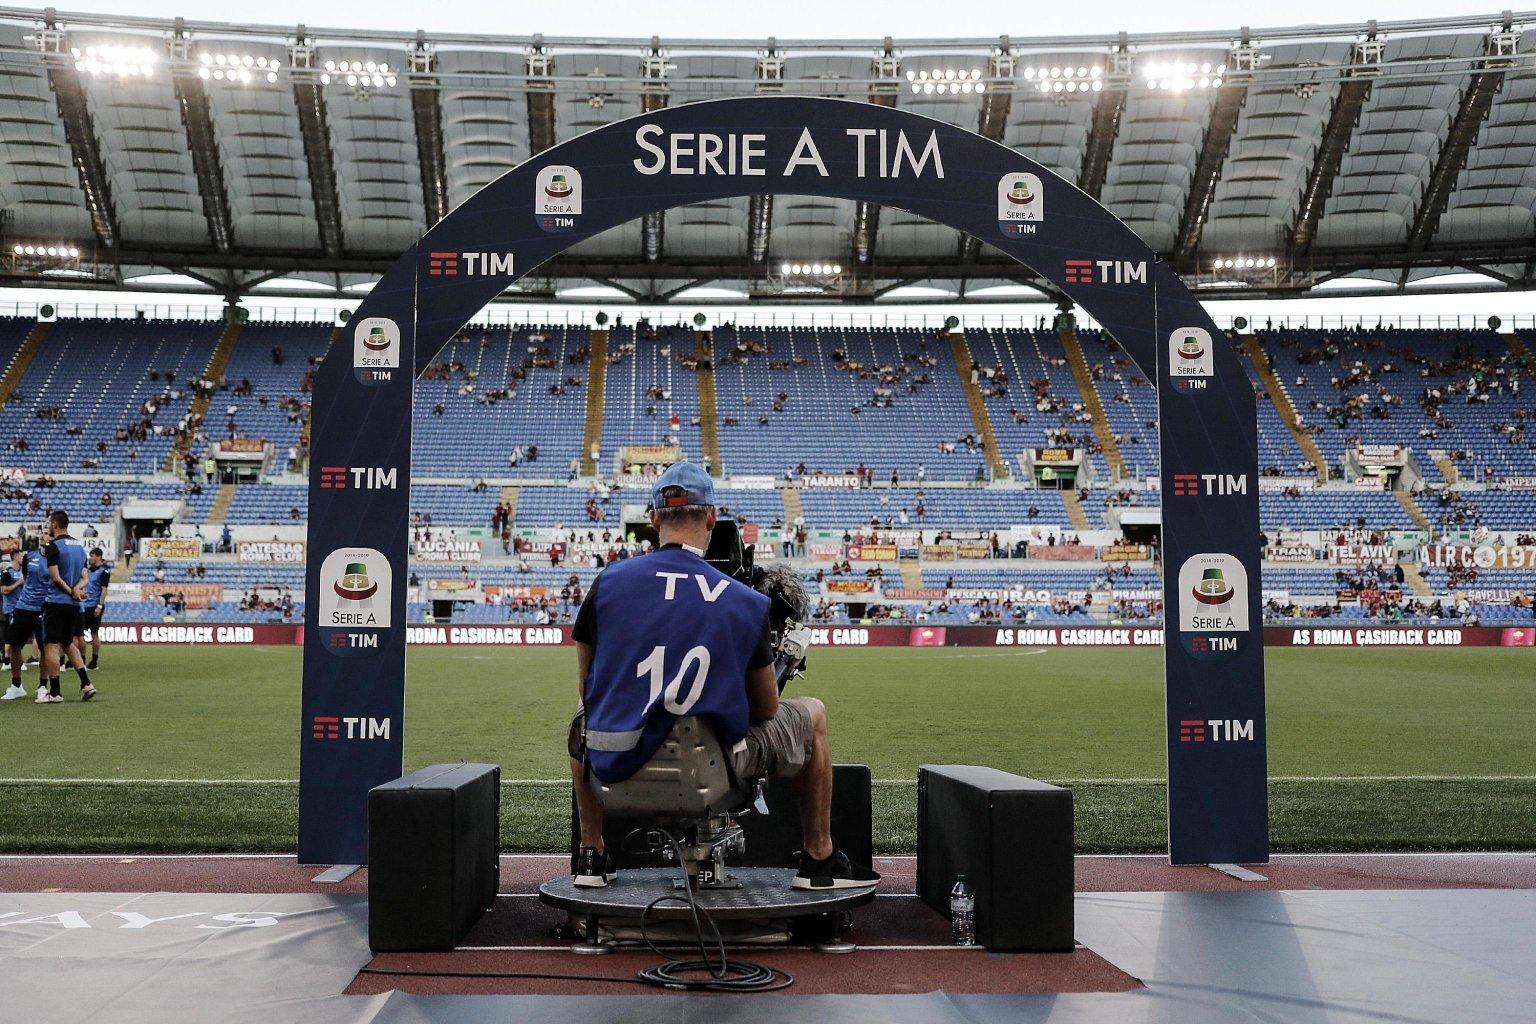 Lega Serie A apre ai fondi, svolta sulla media company